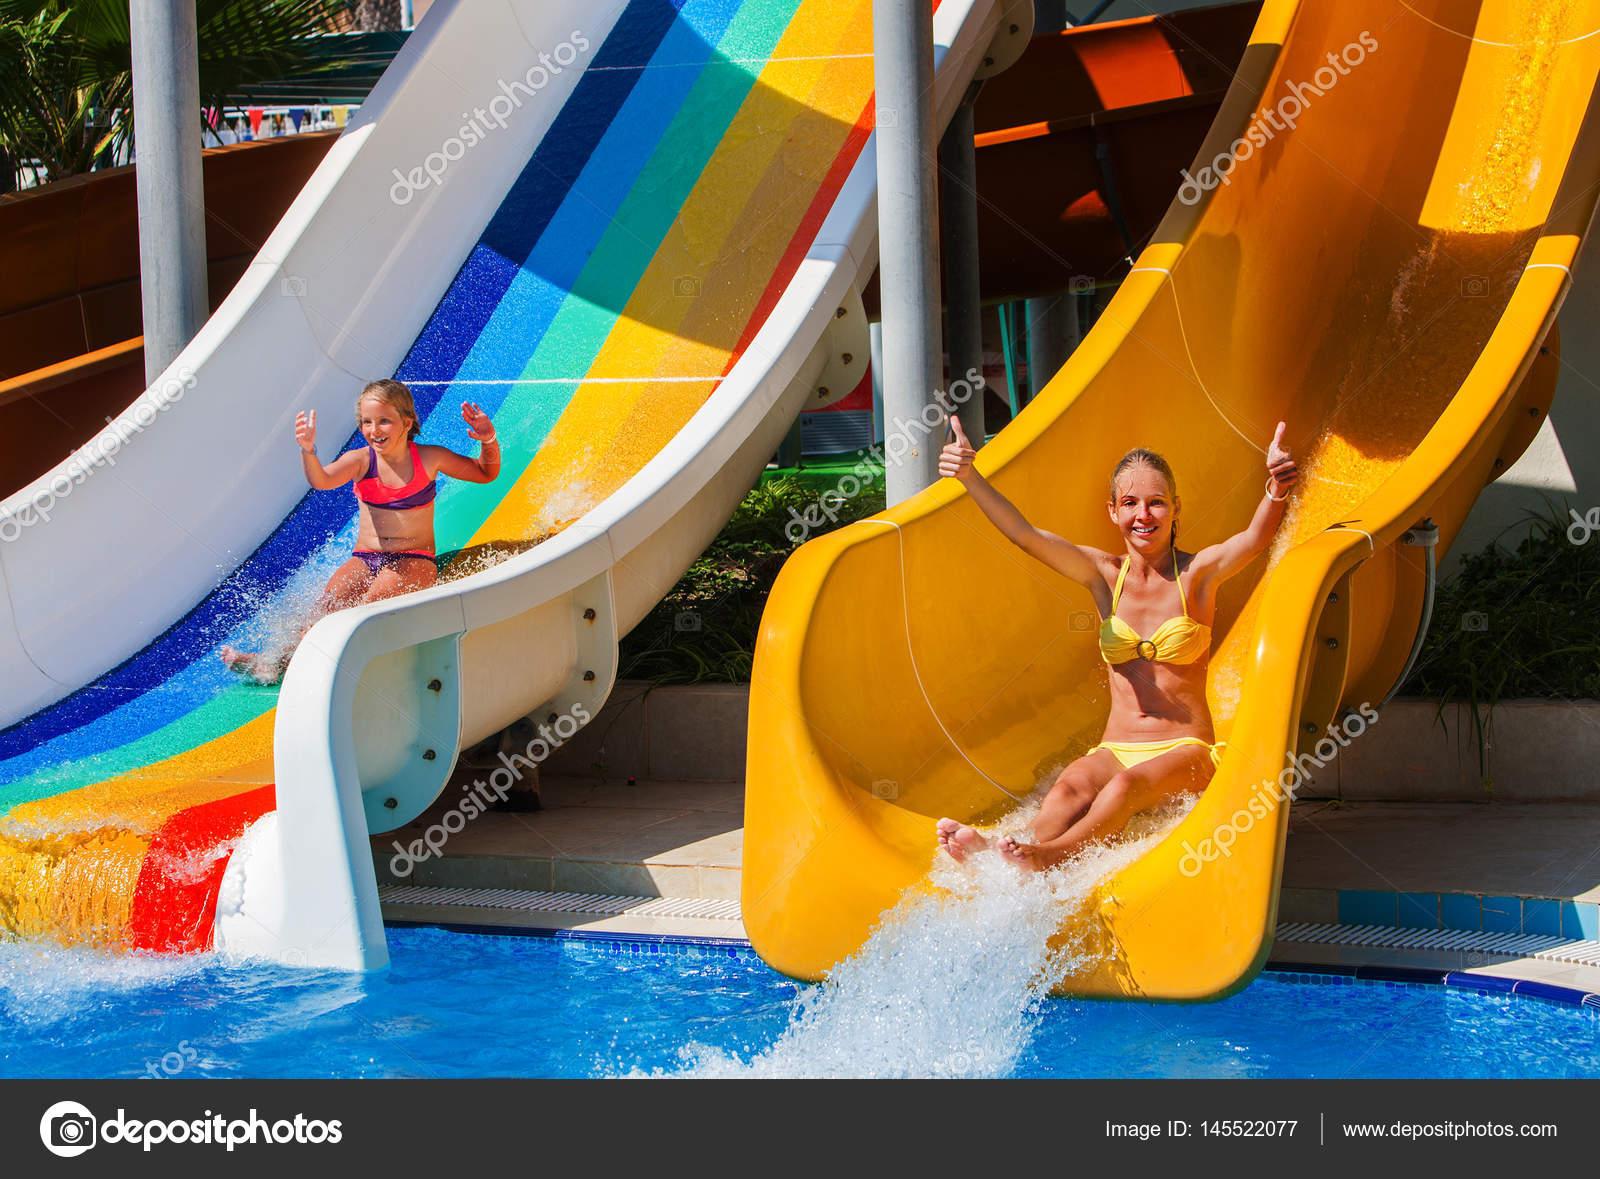 Schwimmbad Folien Für Kinder Wasserrutsche Am Aquapark U2014 Stockfoto